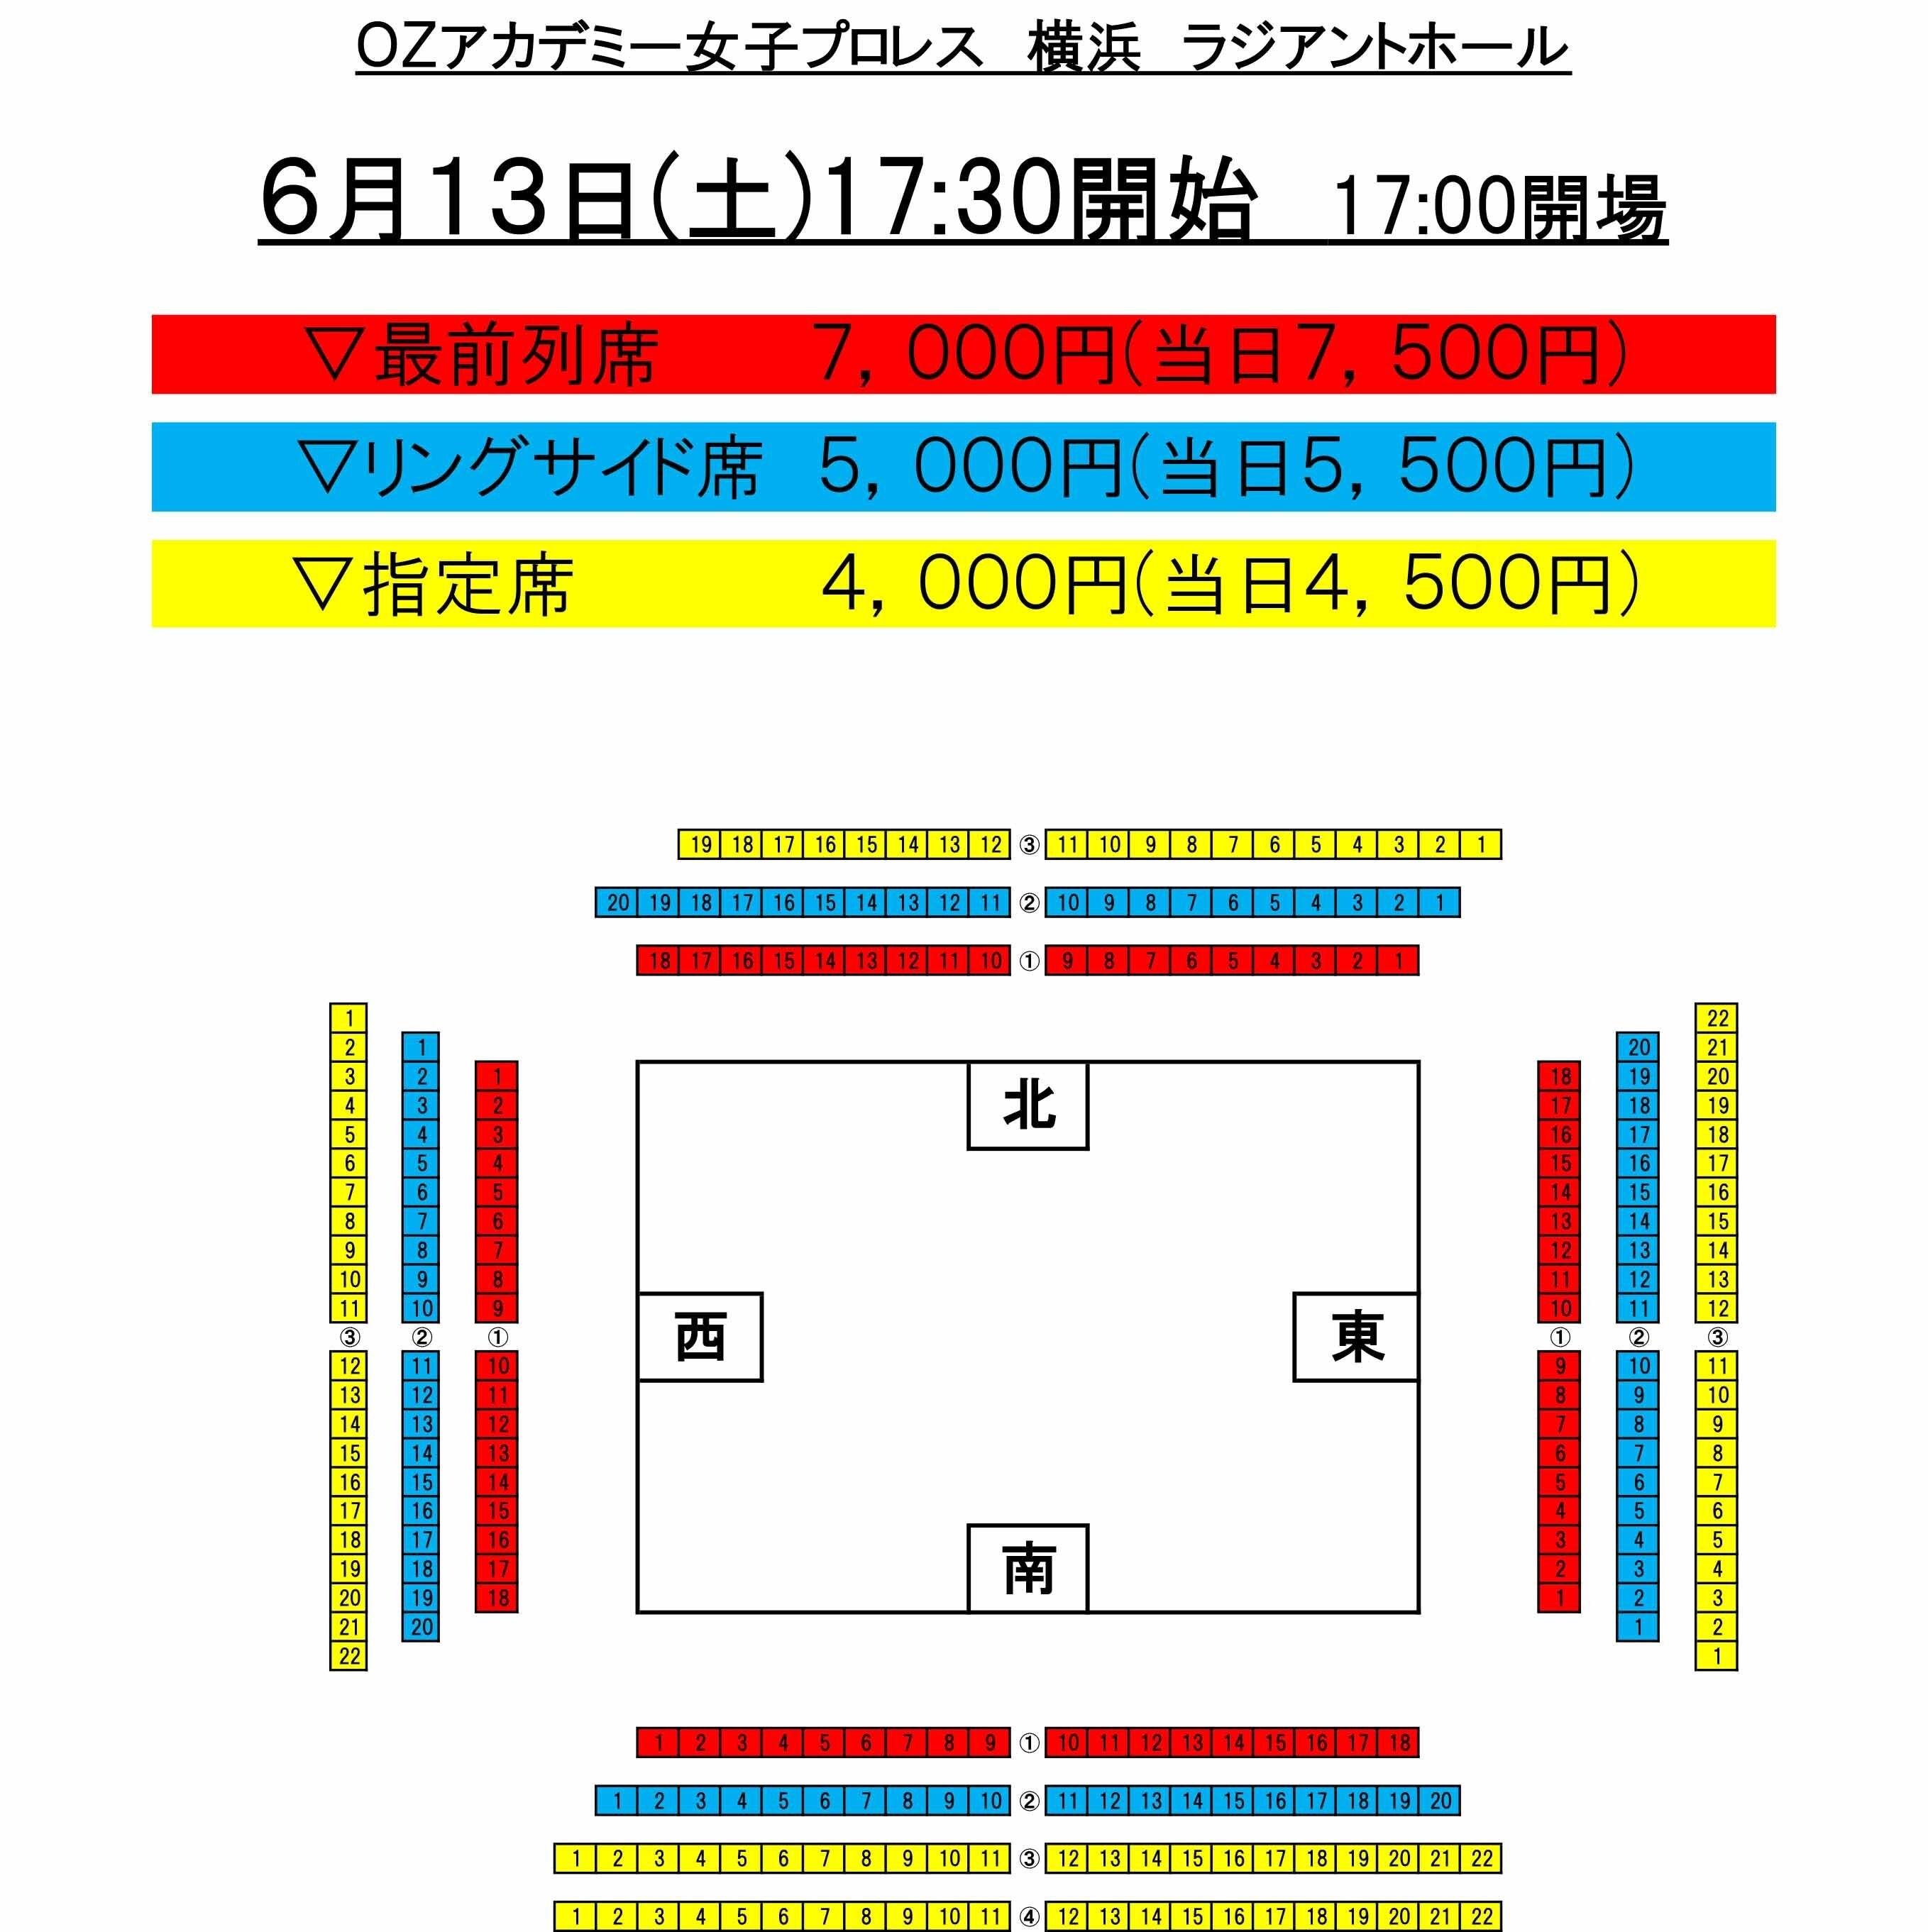 6月13日(土)横浜 ラジアントホール[リングサイド席]のイメージその2